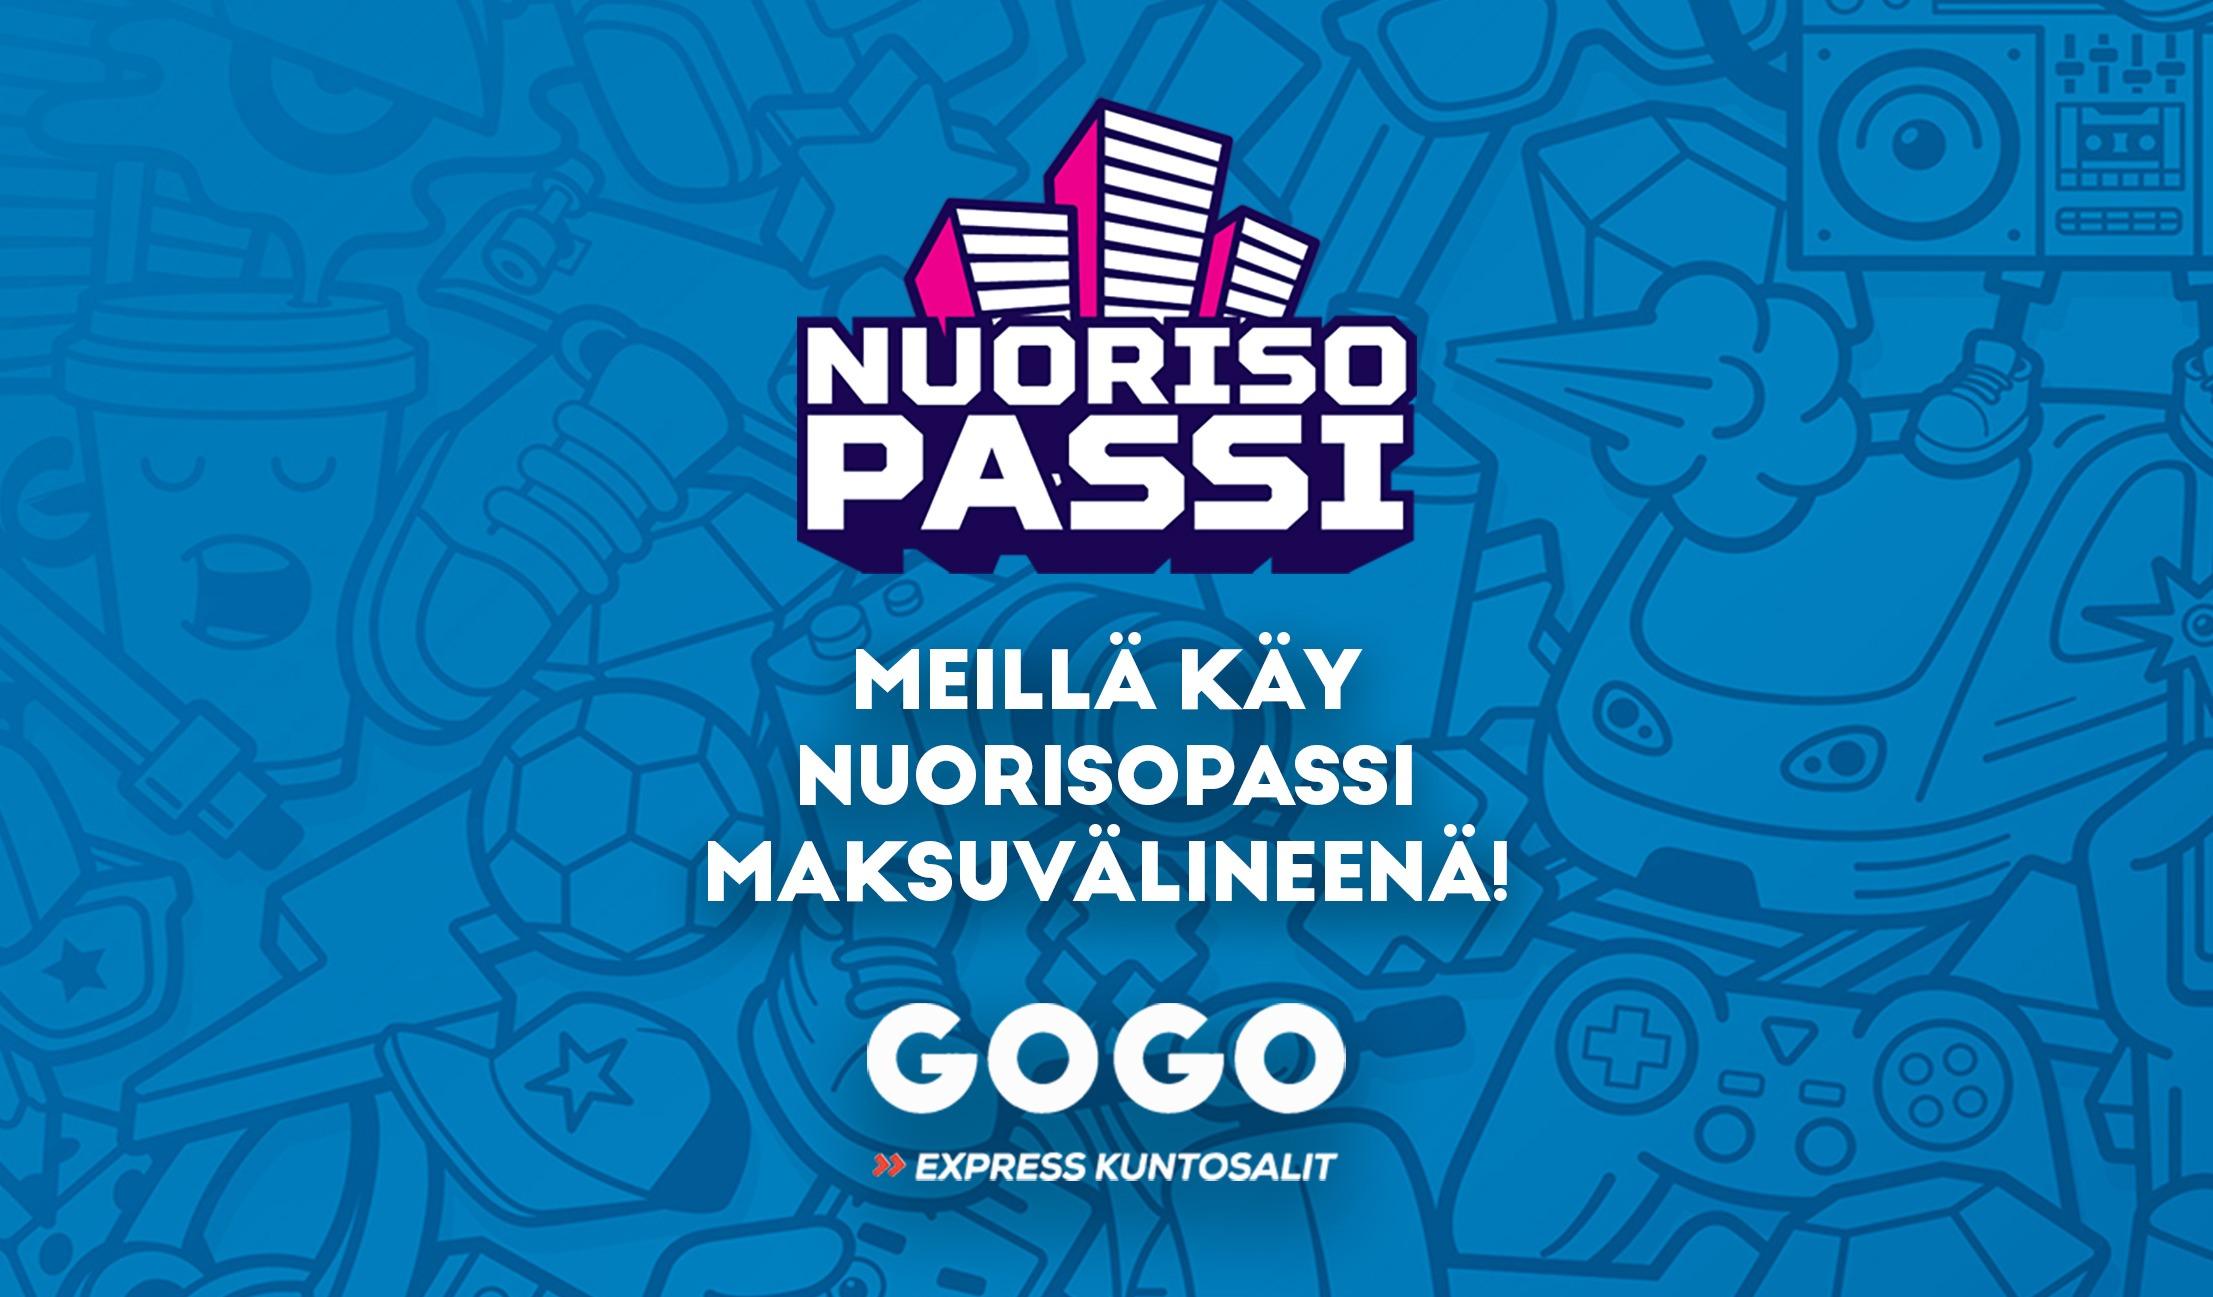 nuorisopassi_gogo_express